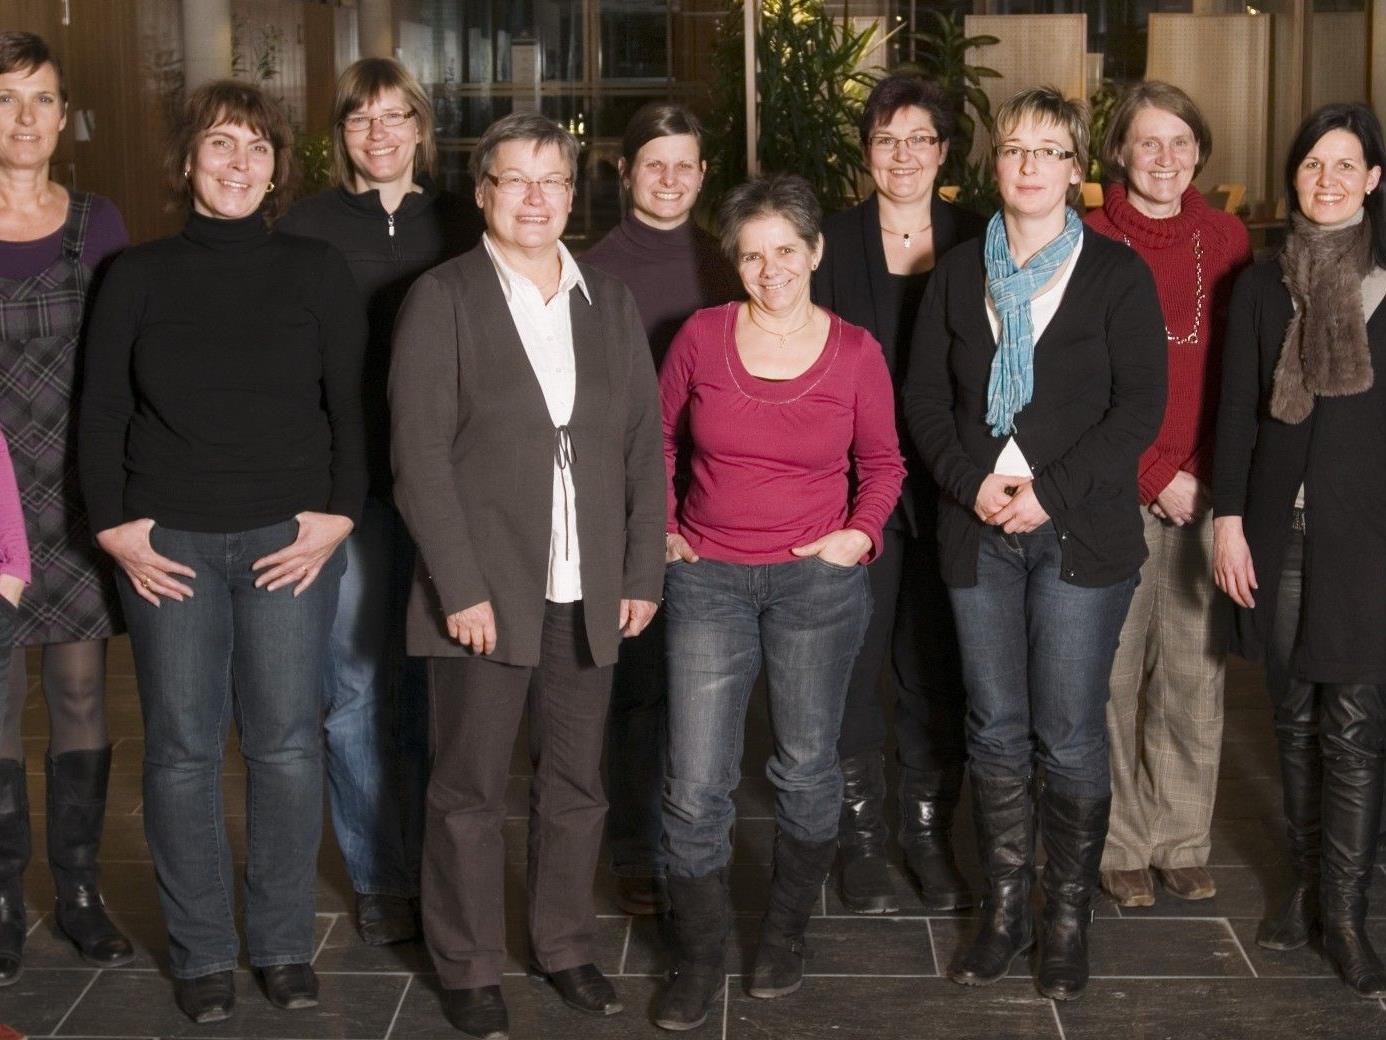 Die Bregenzerwälder Frauensprecherinnen laden zu einem brisanten Diskussionsthema ein.